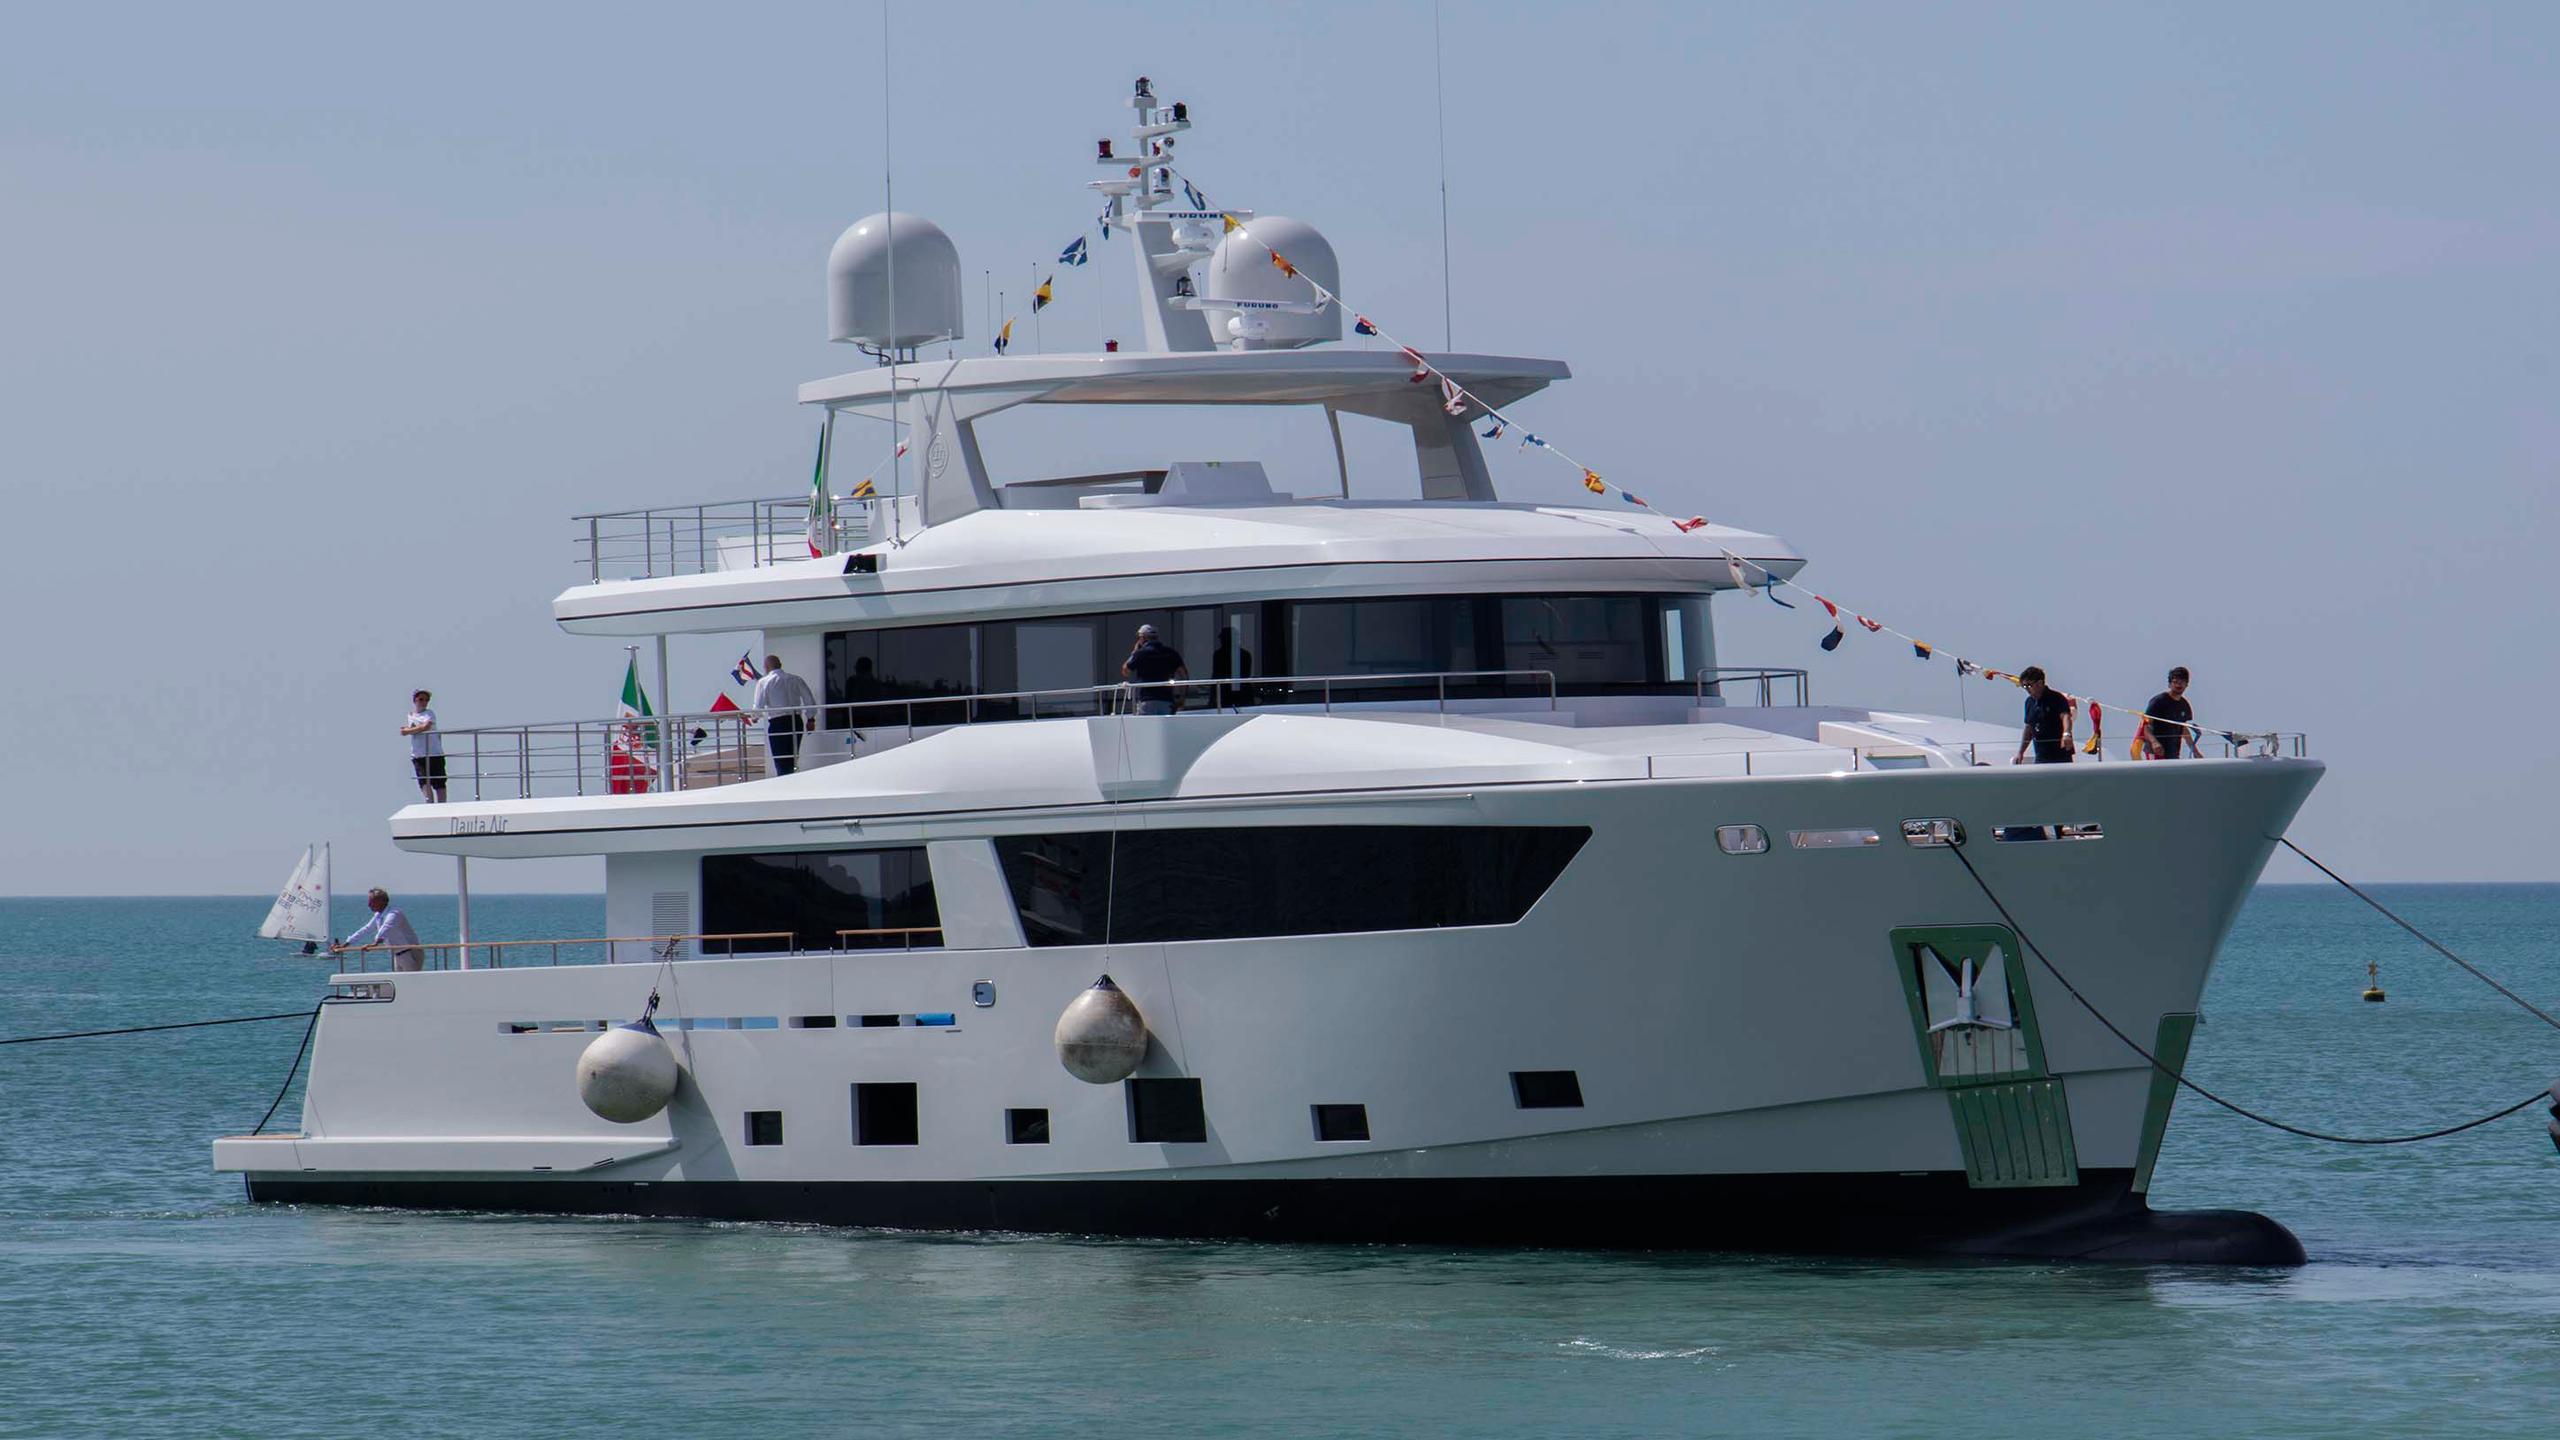 narvalo-motor-yacht-cantiere-delle-marche-2016-31m-nauta-air-108-half-profile-bow